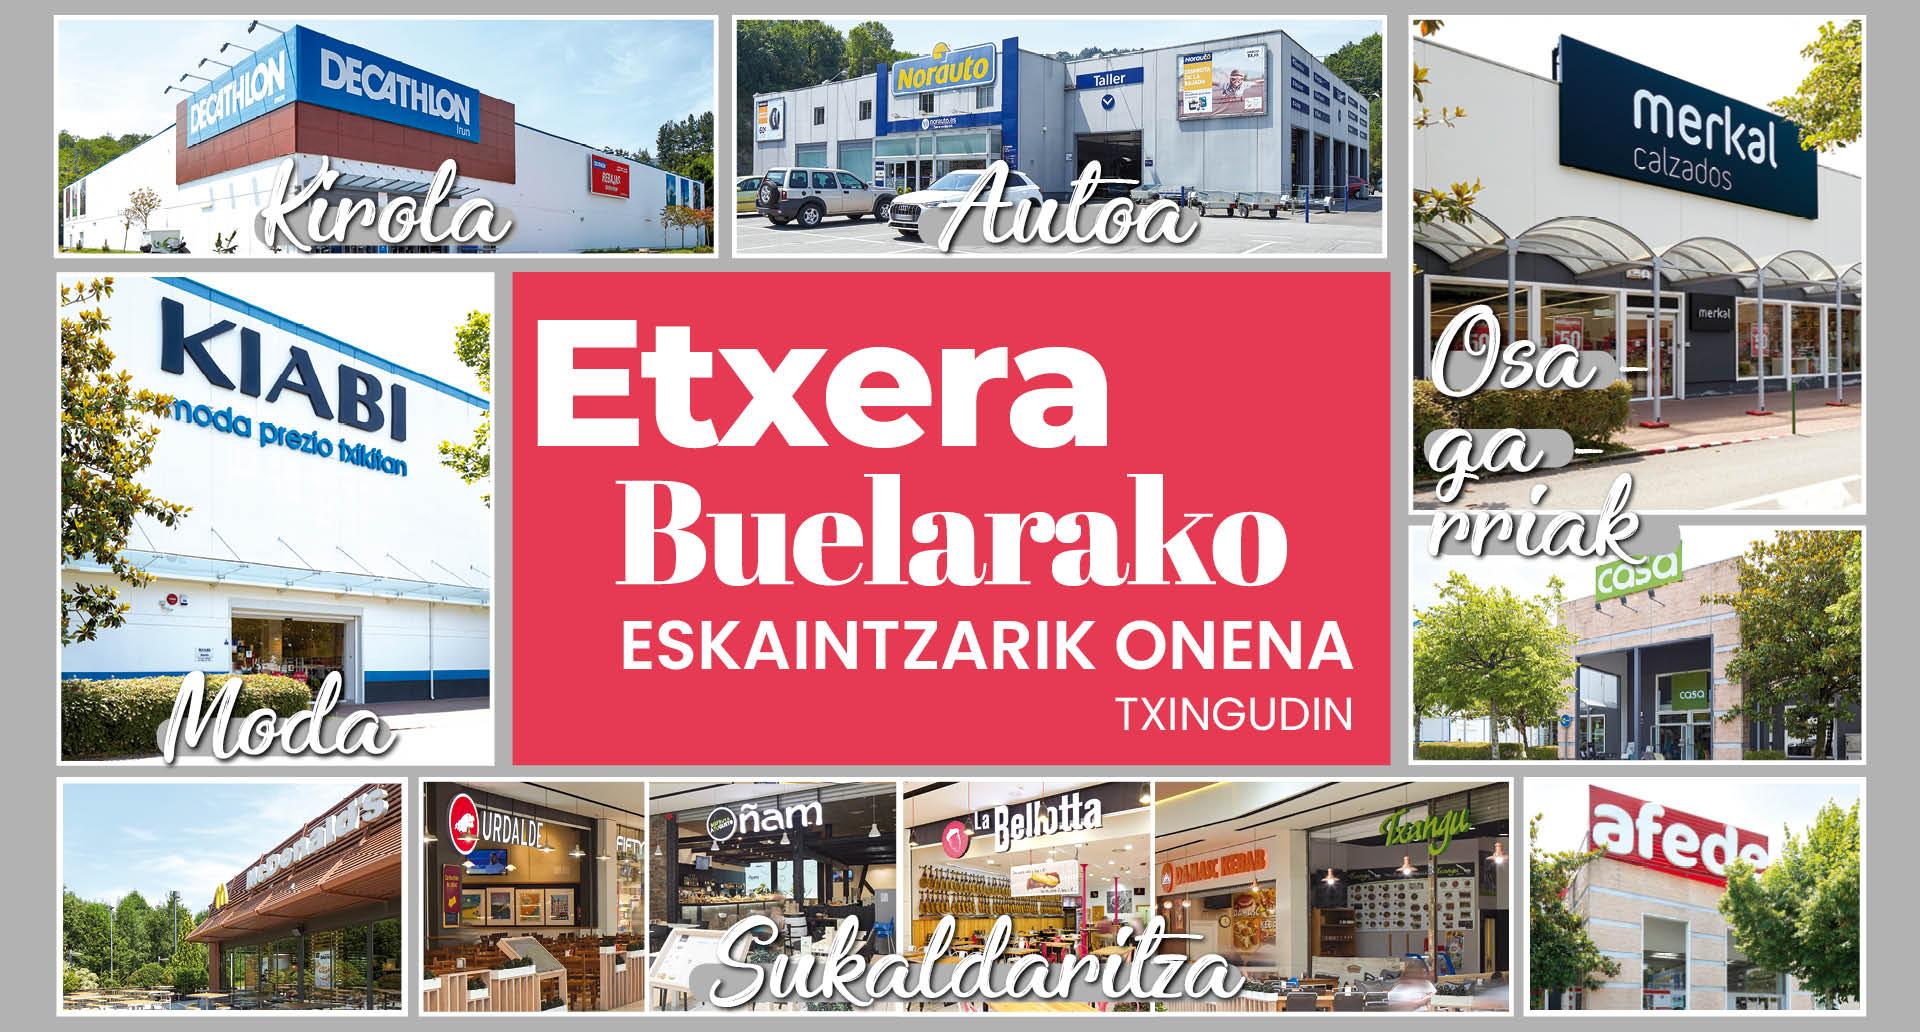 Etxera bueltarako eskaintzarik onena Txingudin